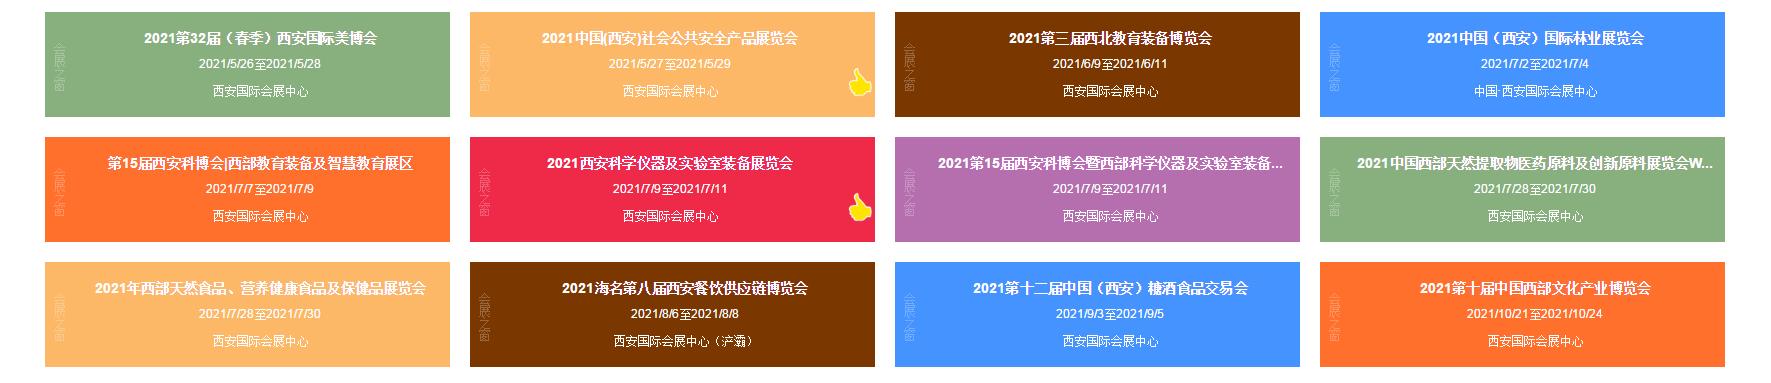 2021西安上半年展覽展會排序表